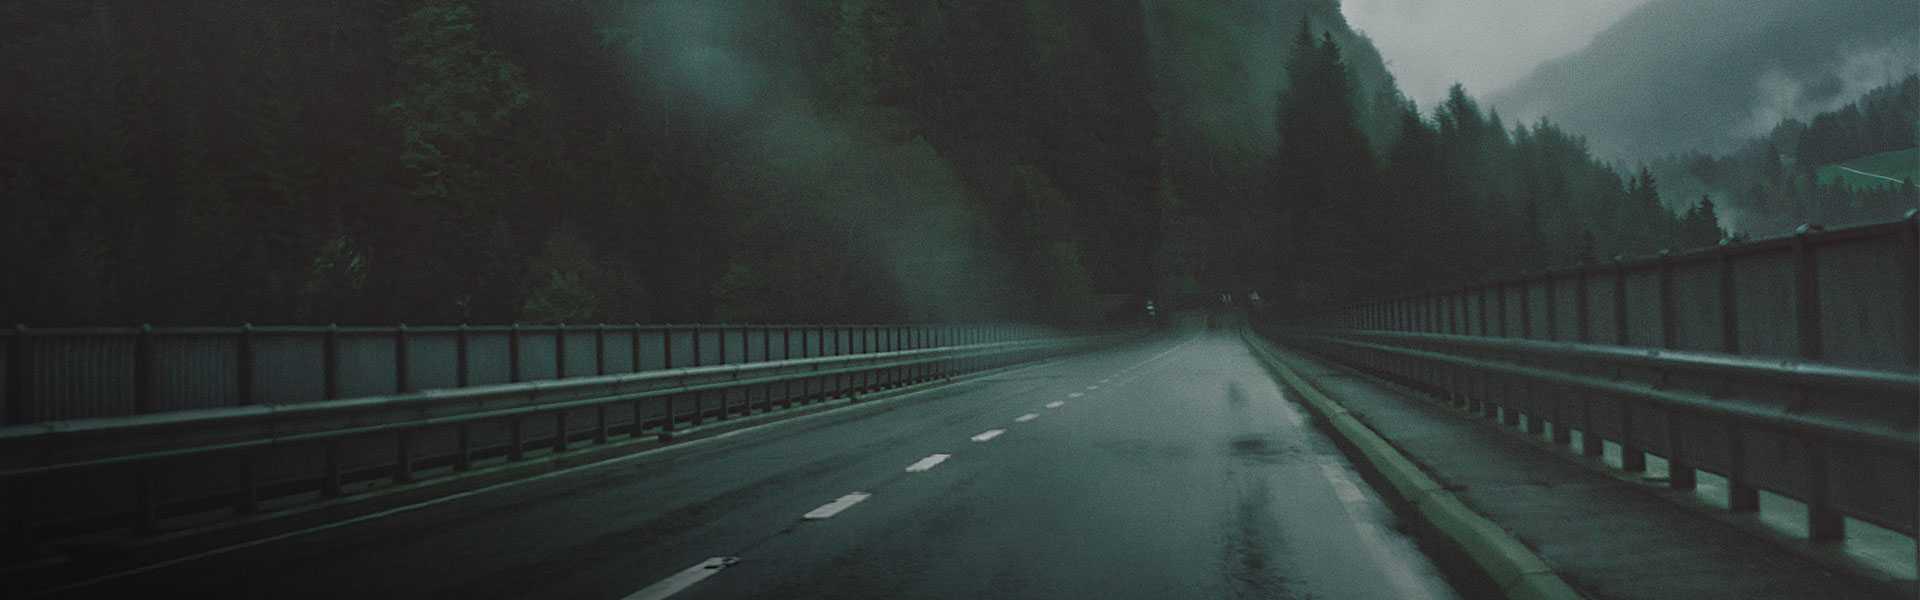 Rouler en moto sous la pluie : quelques astuces pour conserver une bonne visibilité